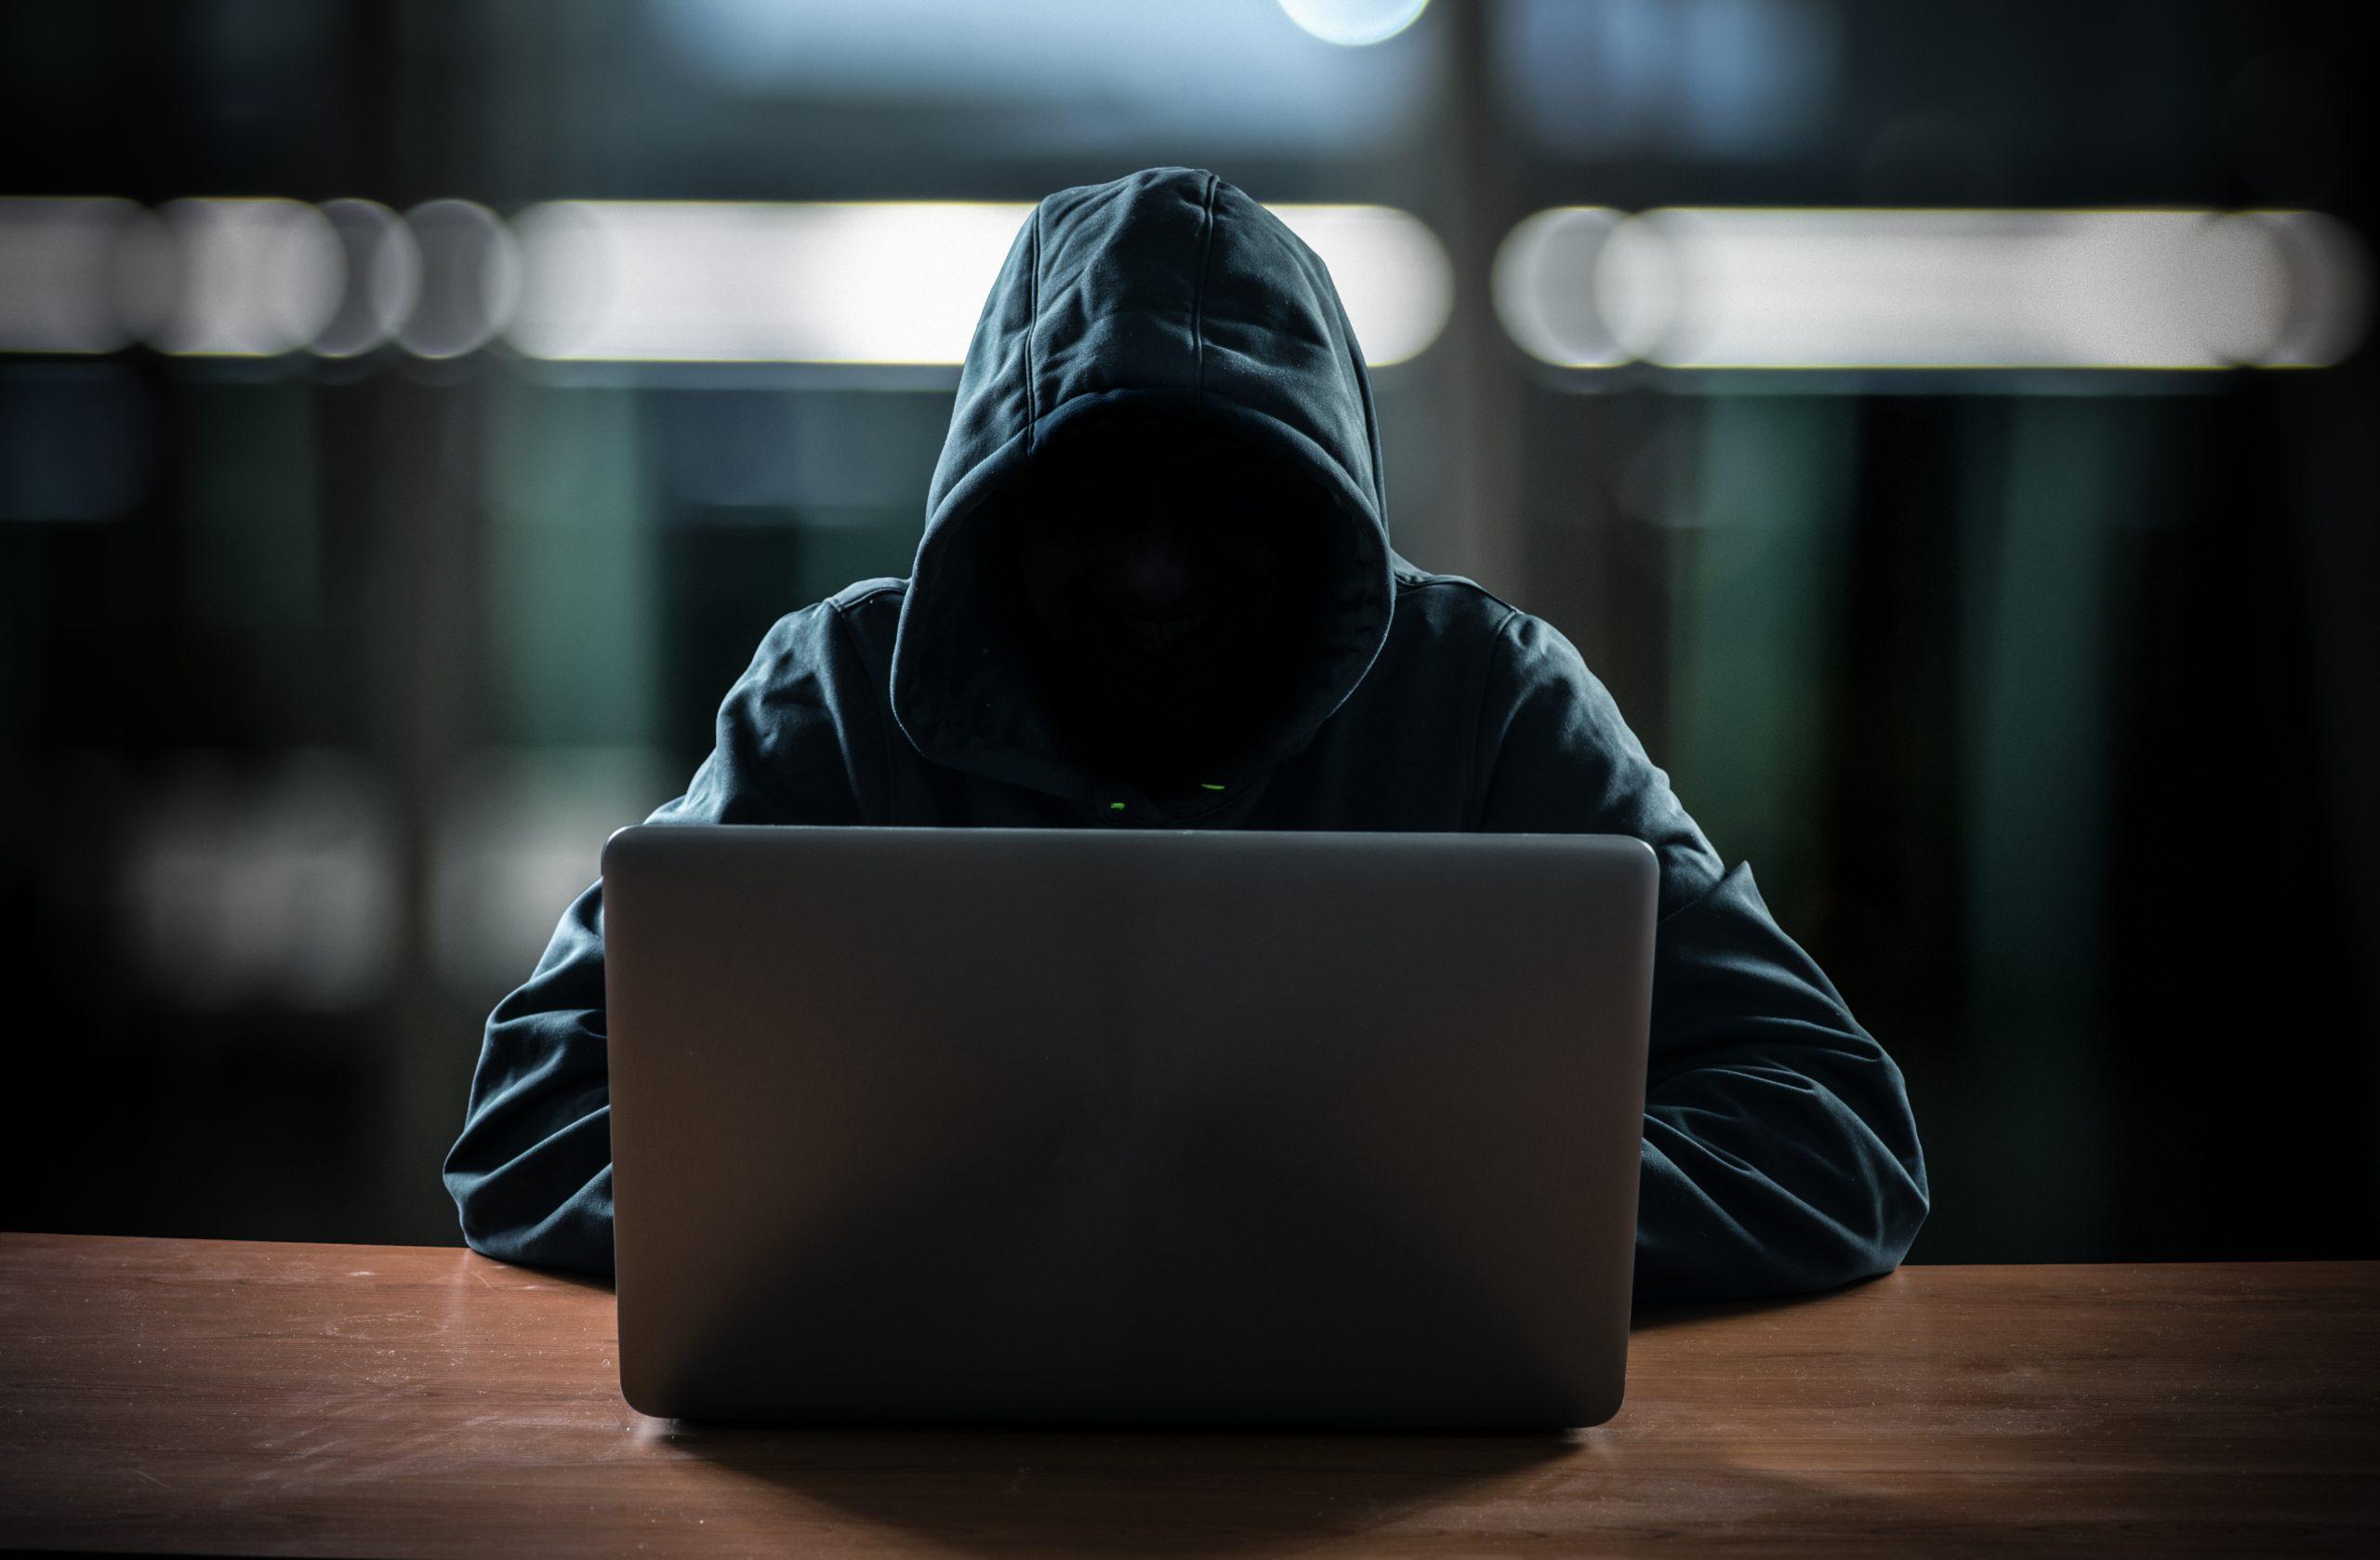 Індійські програмісти замість ШІ та фейки на сайтах знайомств: п'ять прикладів шахрайства у сфері високих технологій - tech, news